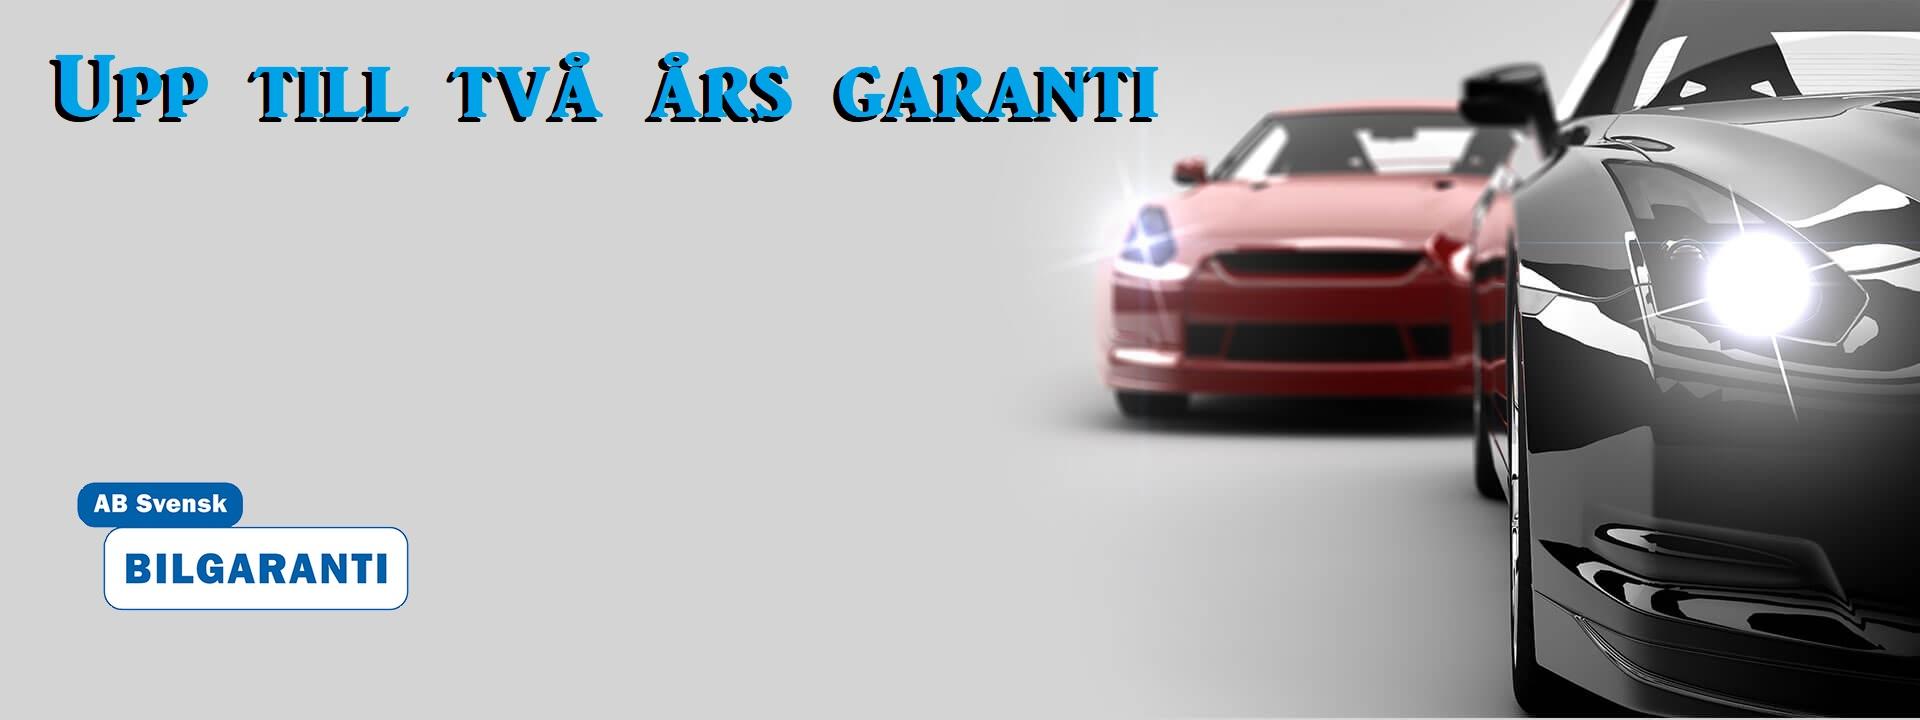 Våra fordonsgarantier